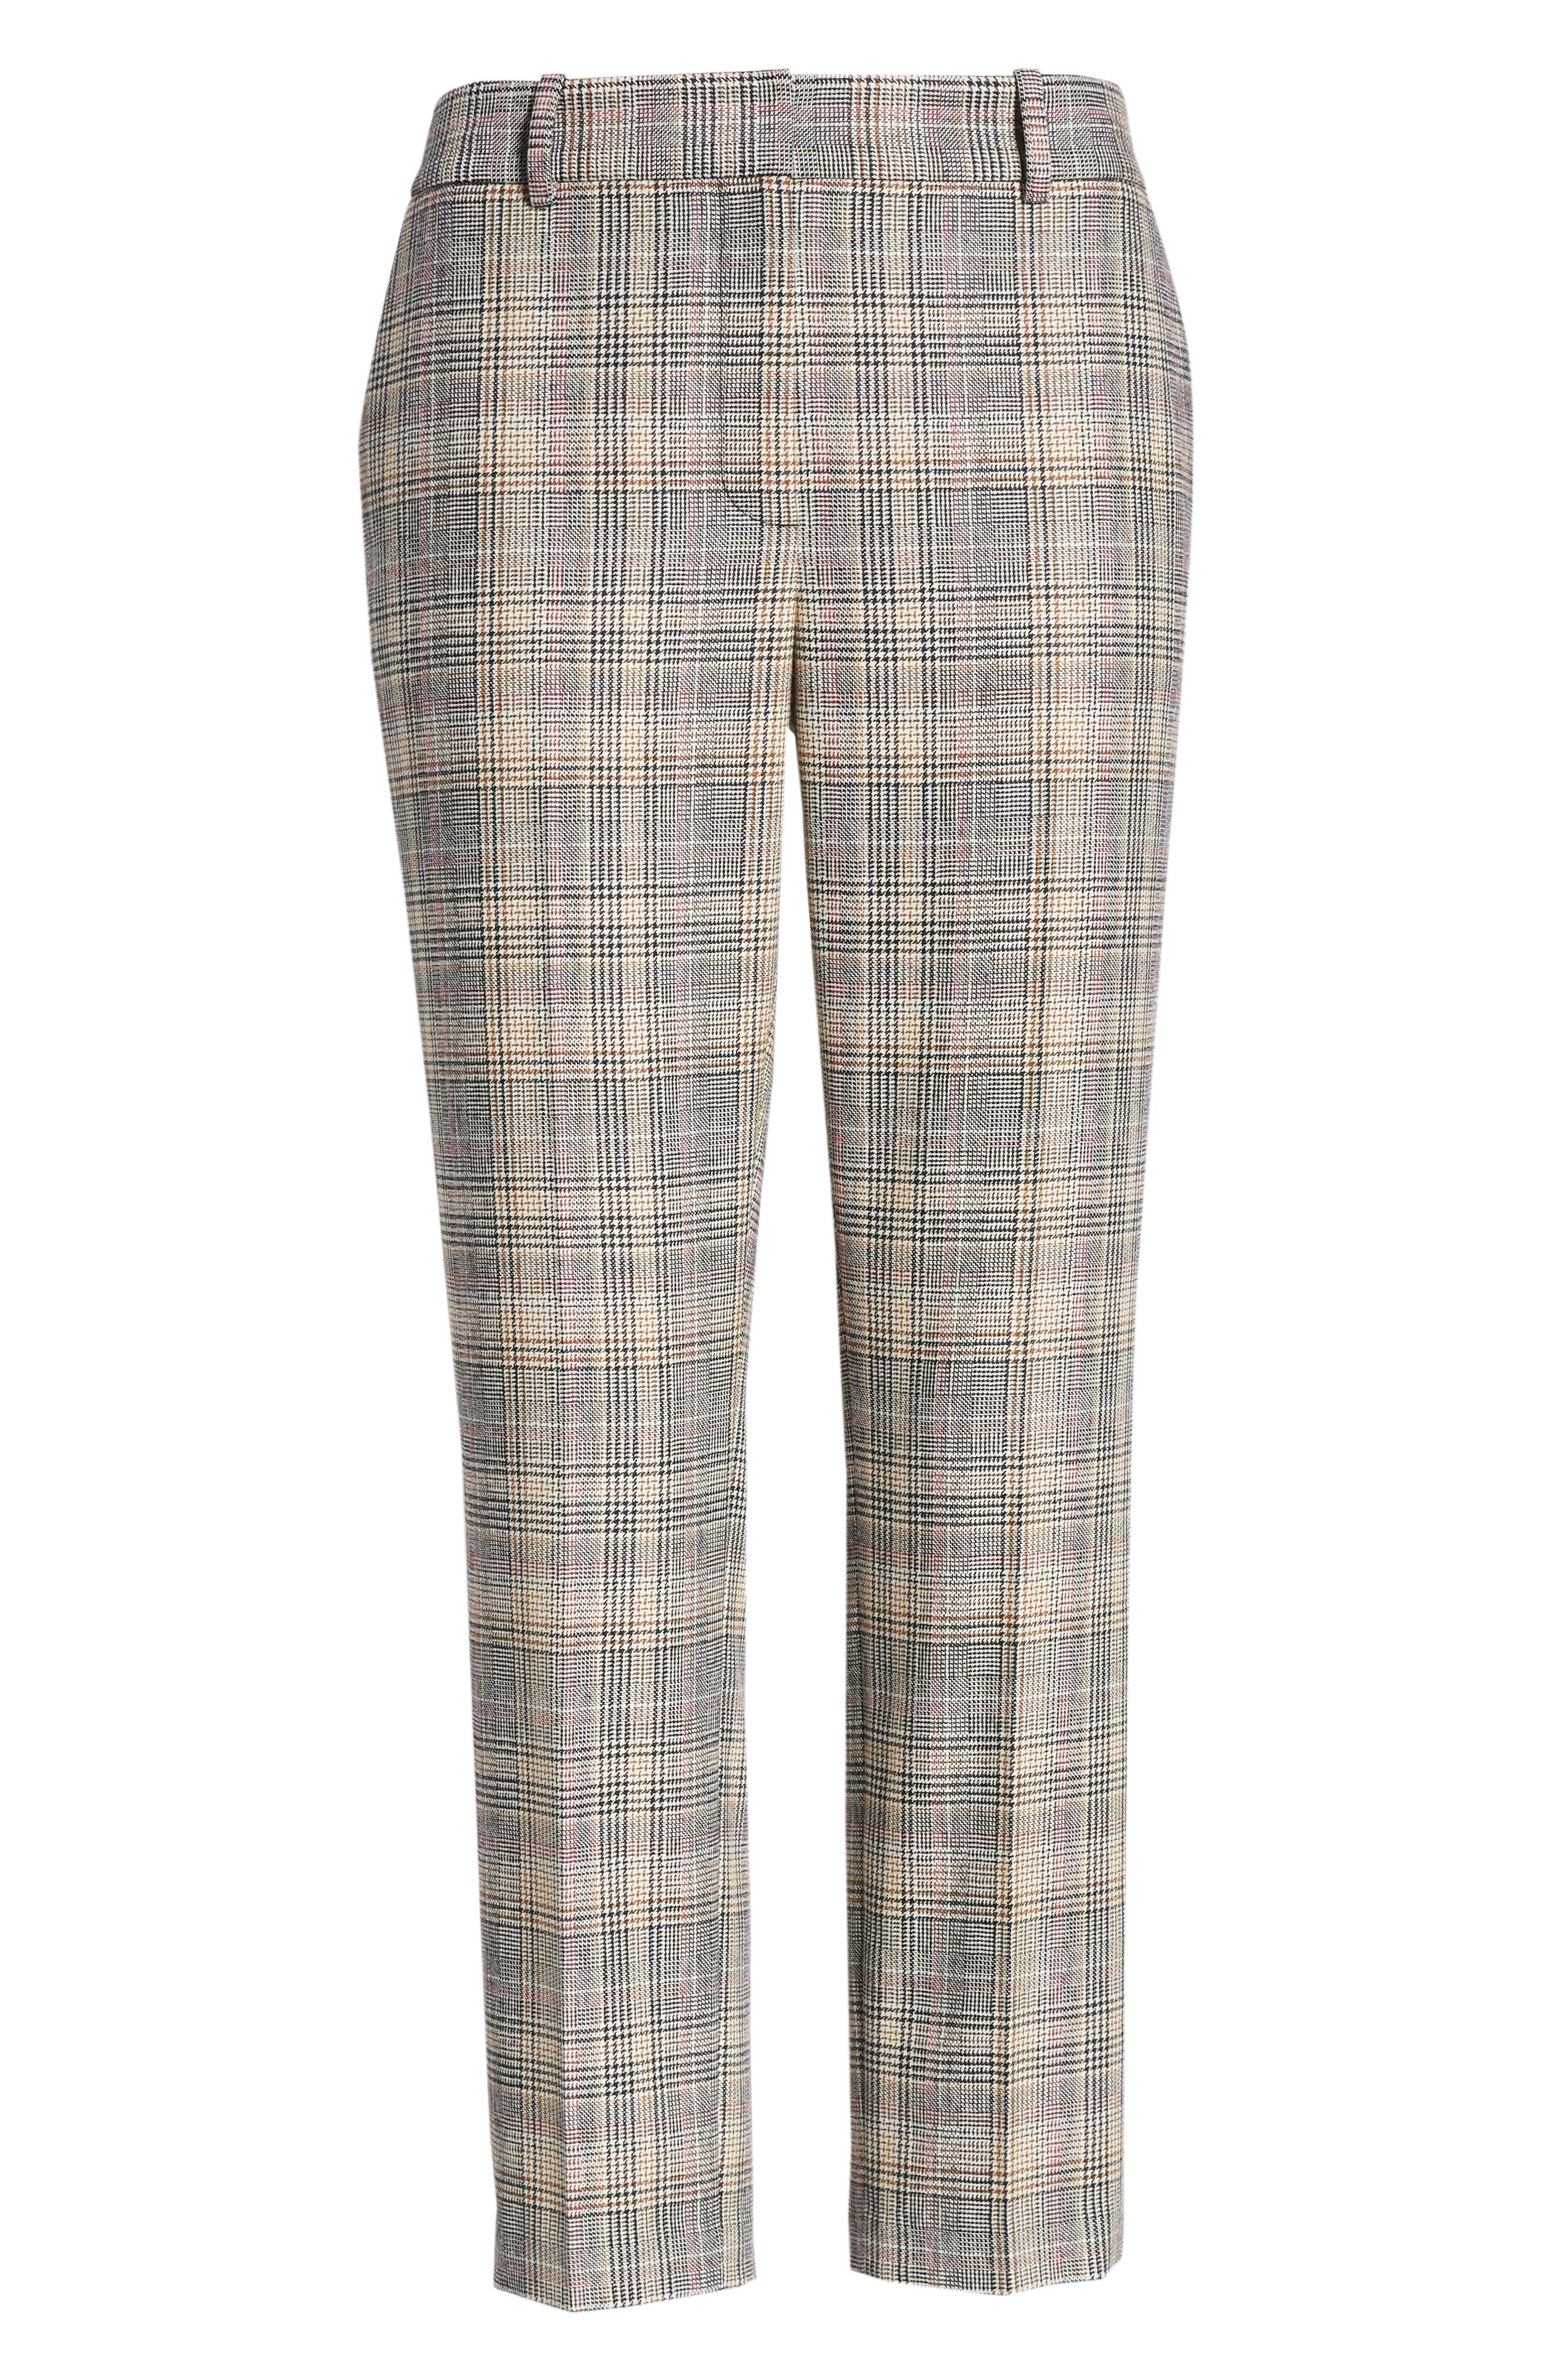 Plaid Slim Leg Crop Pants,                             Alternate thumbnail 7, color,                             001